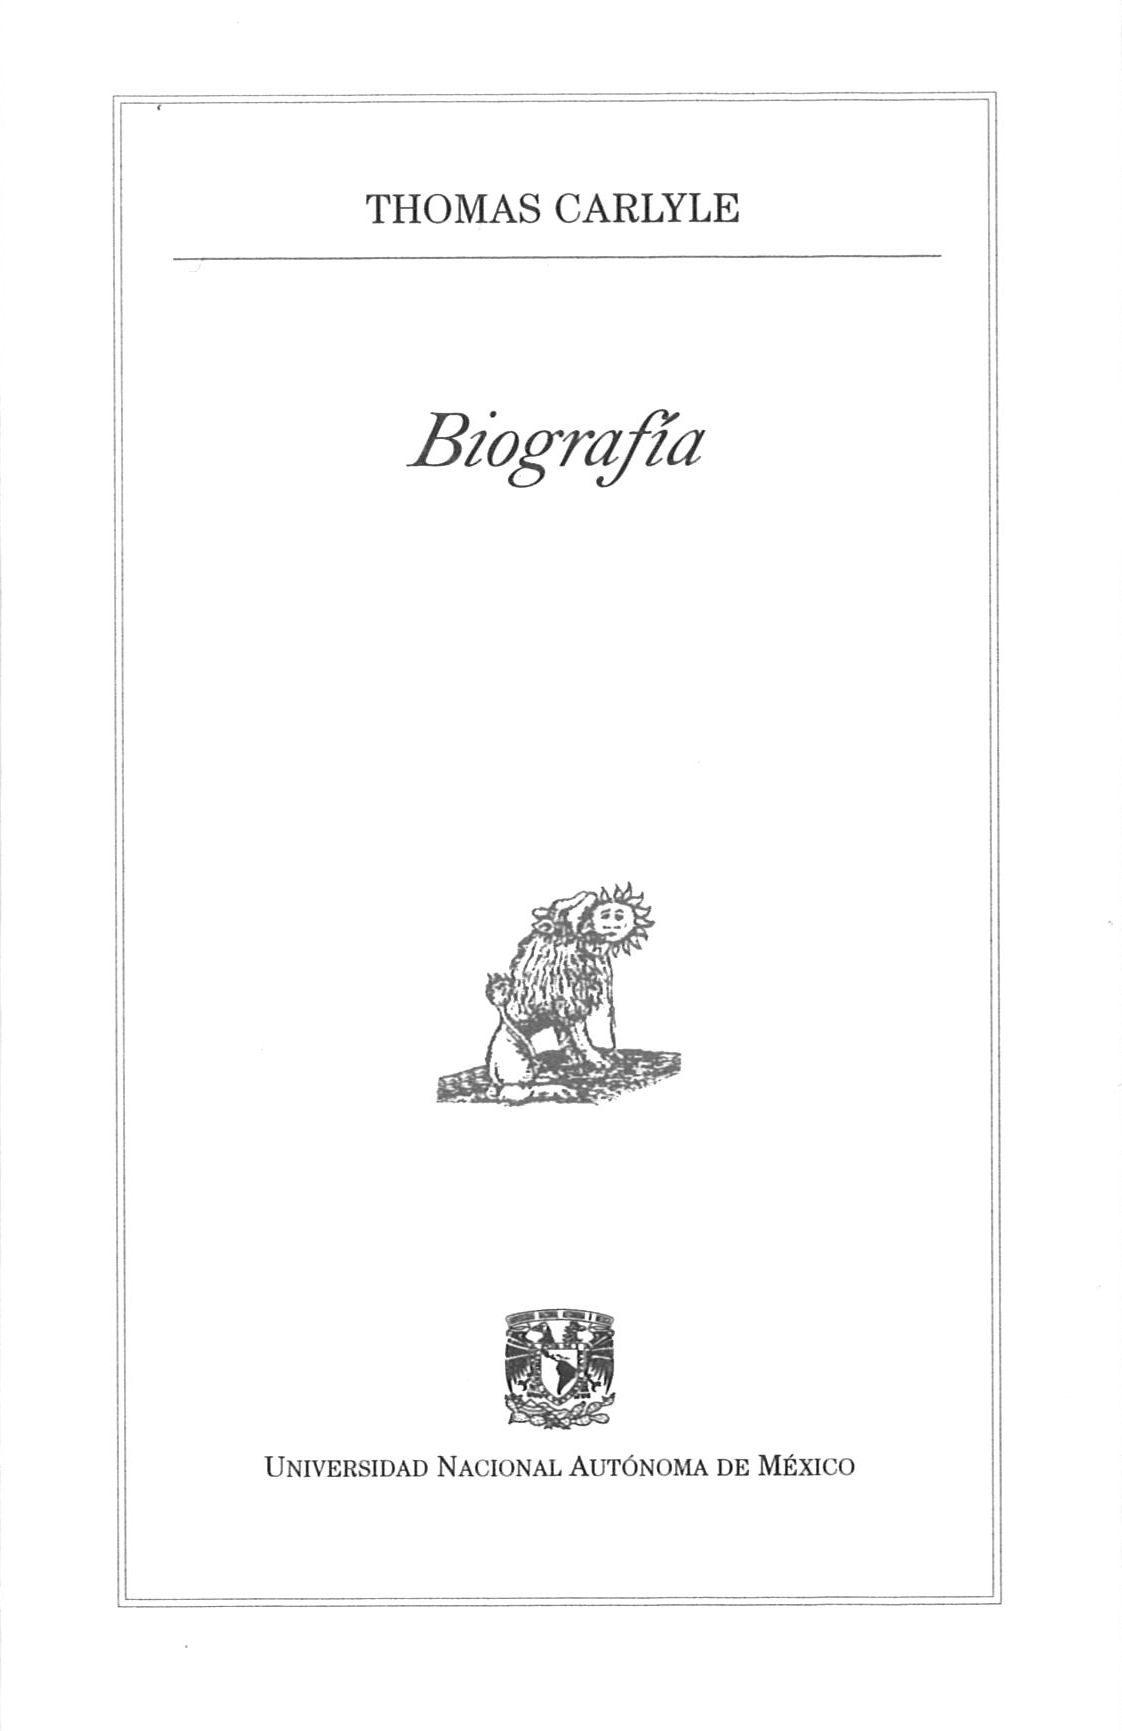 Biografia por Tomas Carlyle